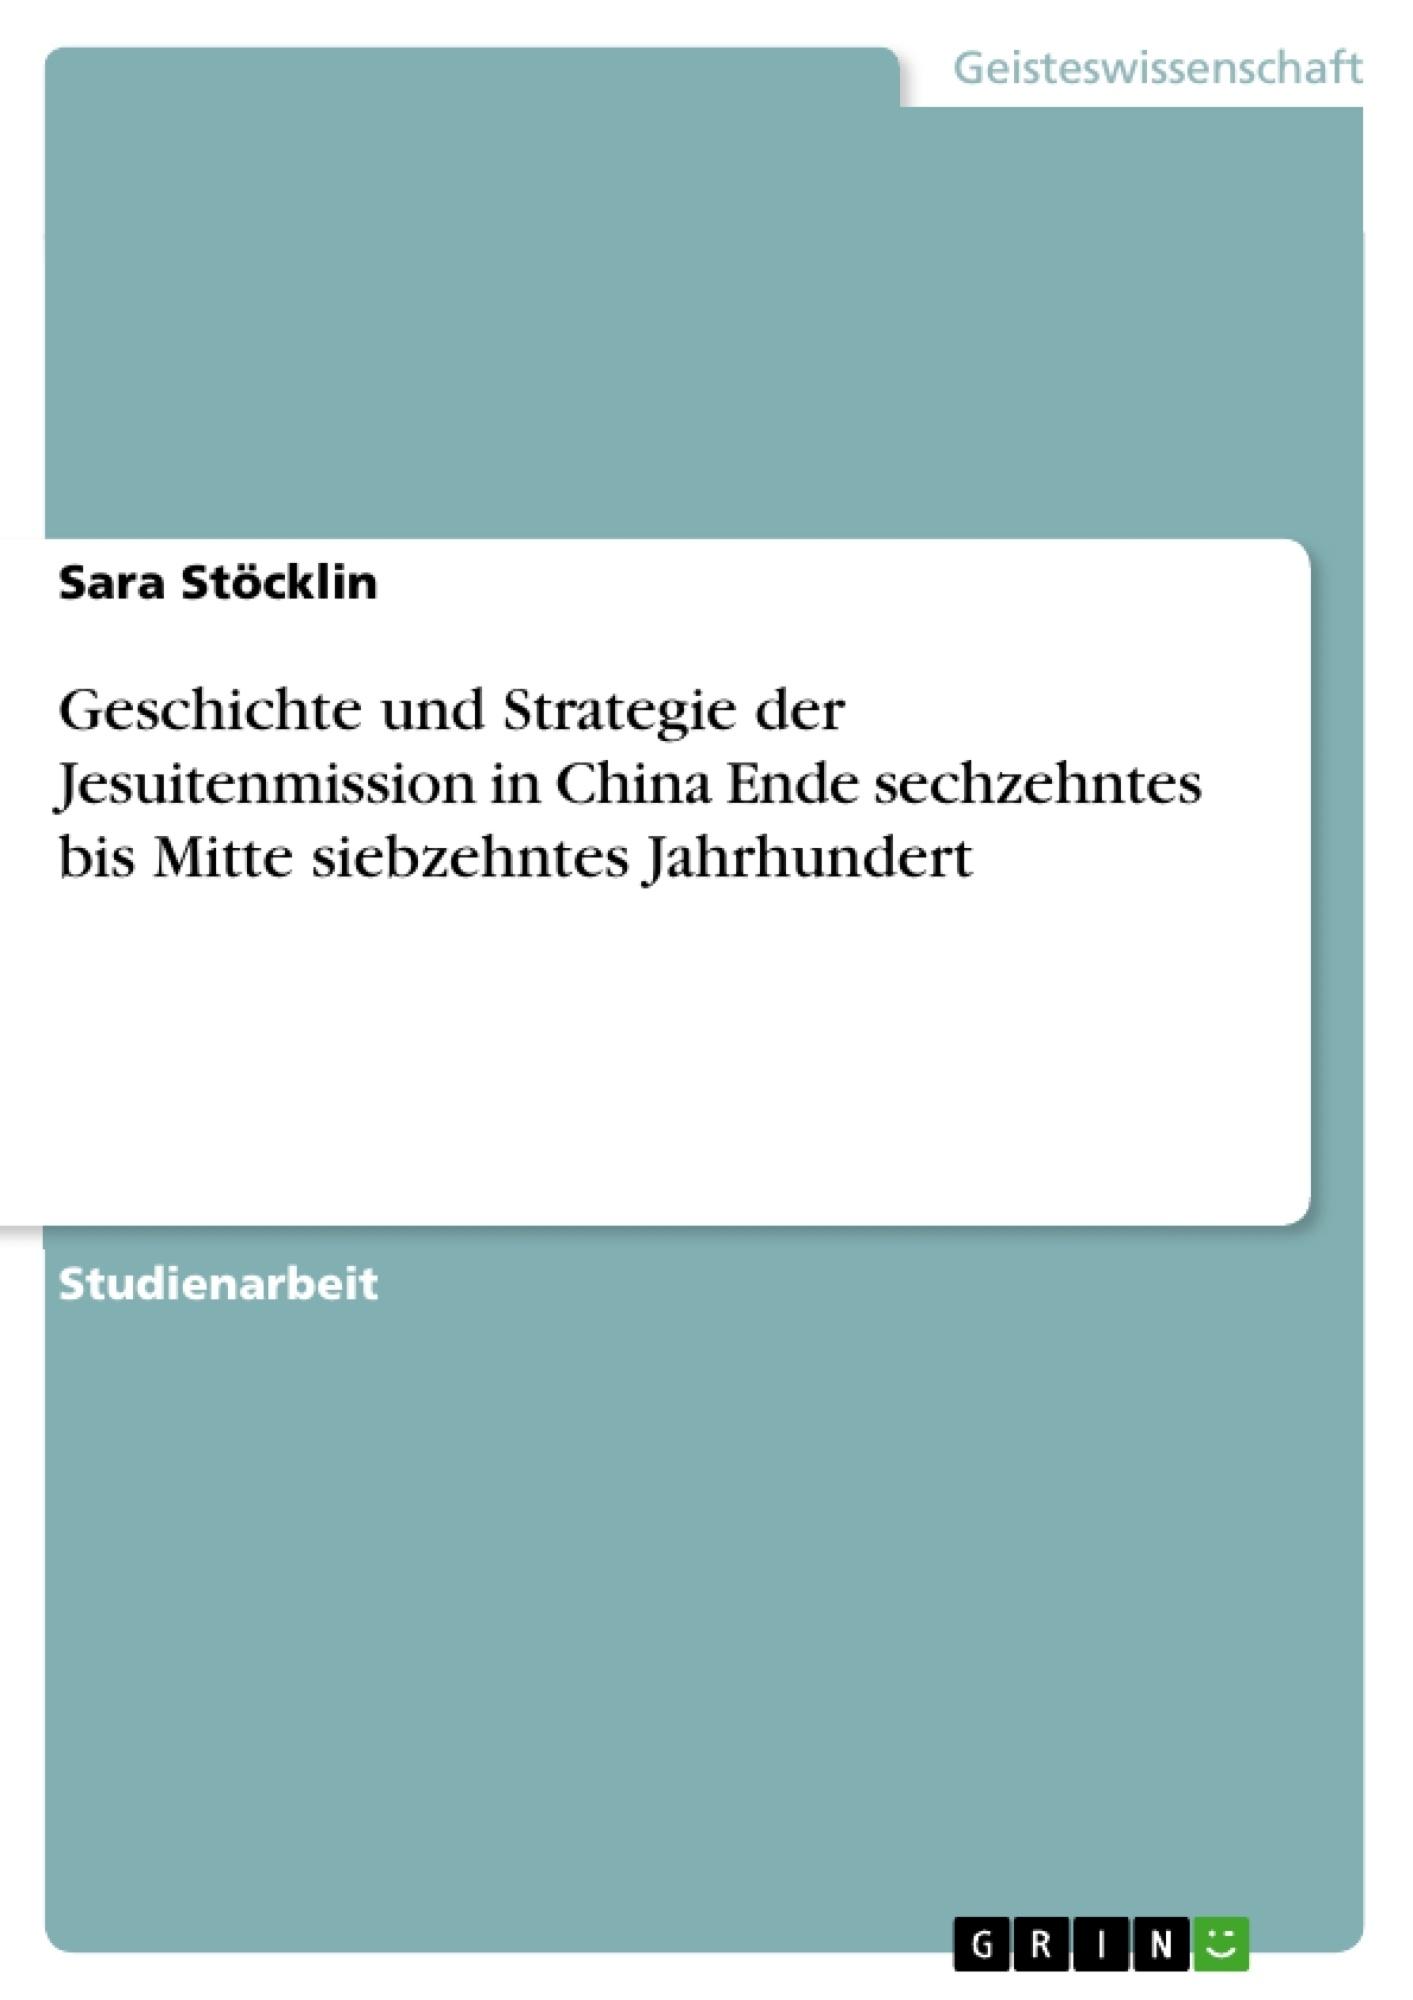 Titel: Geschichte und Strategie der Jesuitenmission in China Ende sechzehntes bis Mitte siebzehntes Jahrhundert